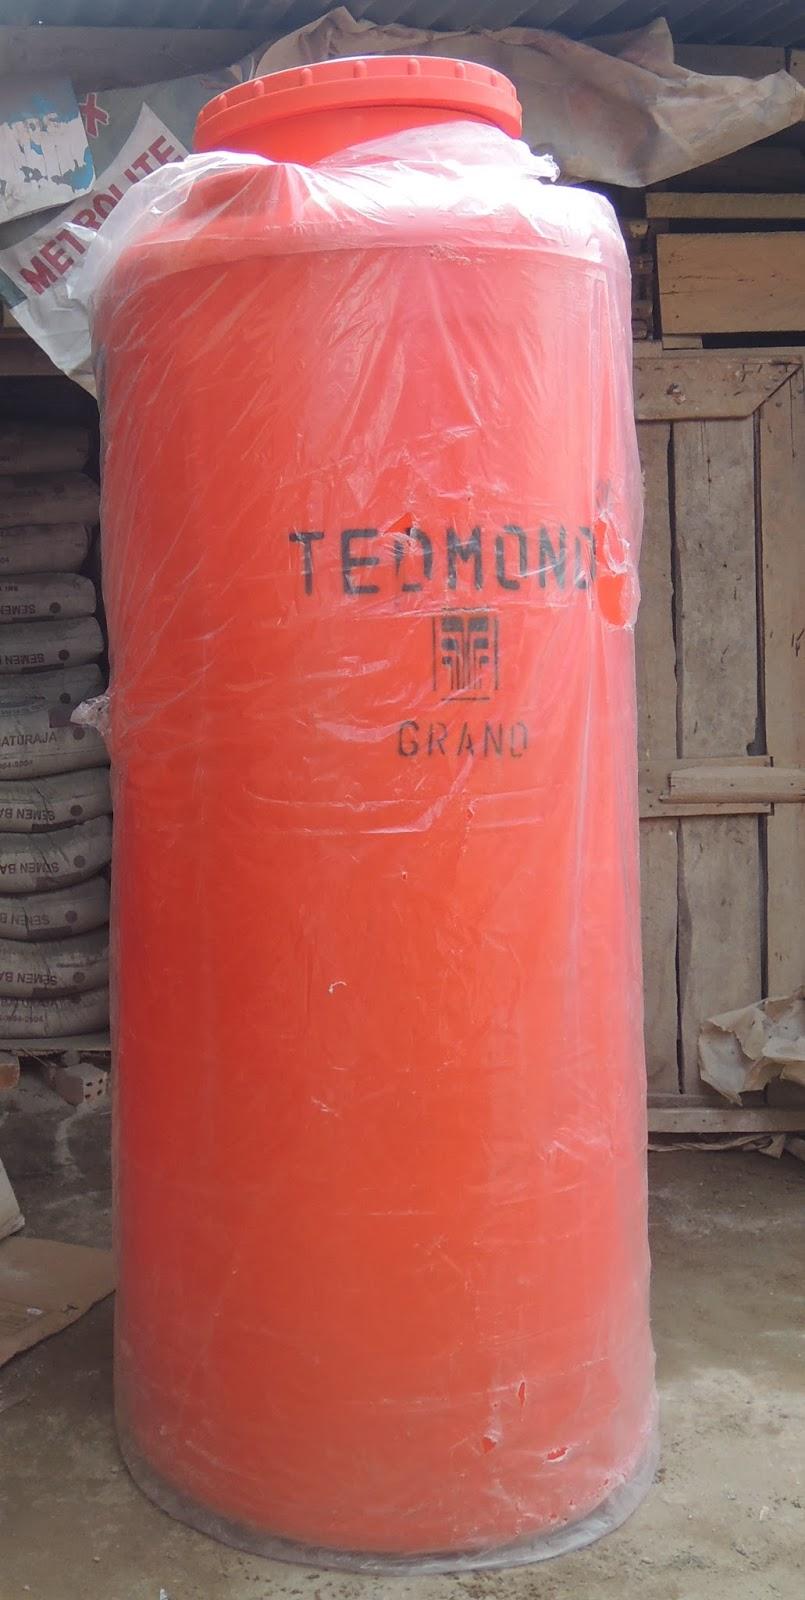 Tanggo Bangunan Palembang Daftar Harga Terbaru Material Baut Skrup Ukuran 4mm X 1 Per 2 Inc Tedmond Grand Kapasitas 900l 1286000 Pcs